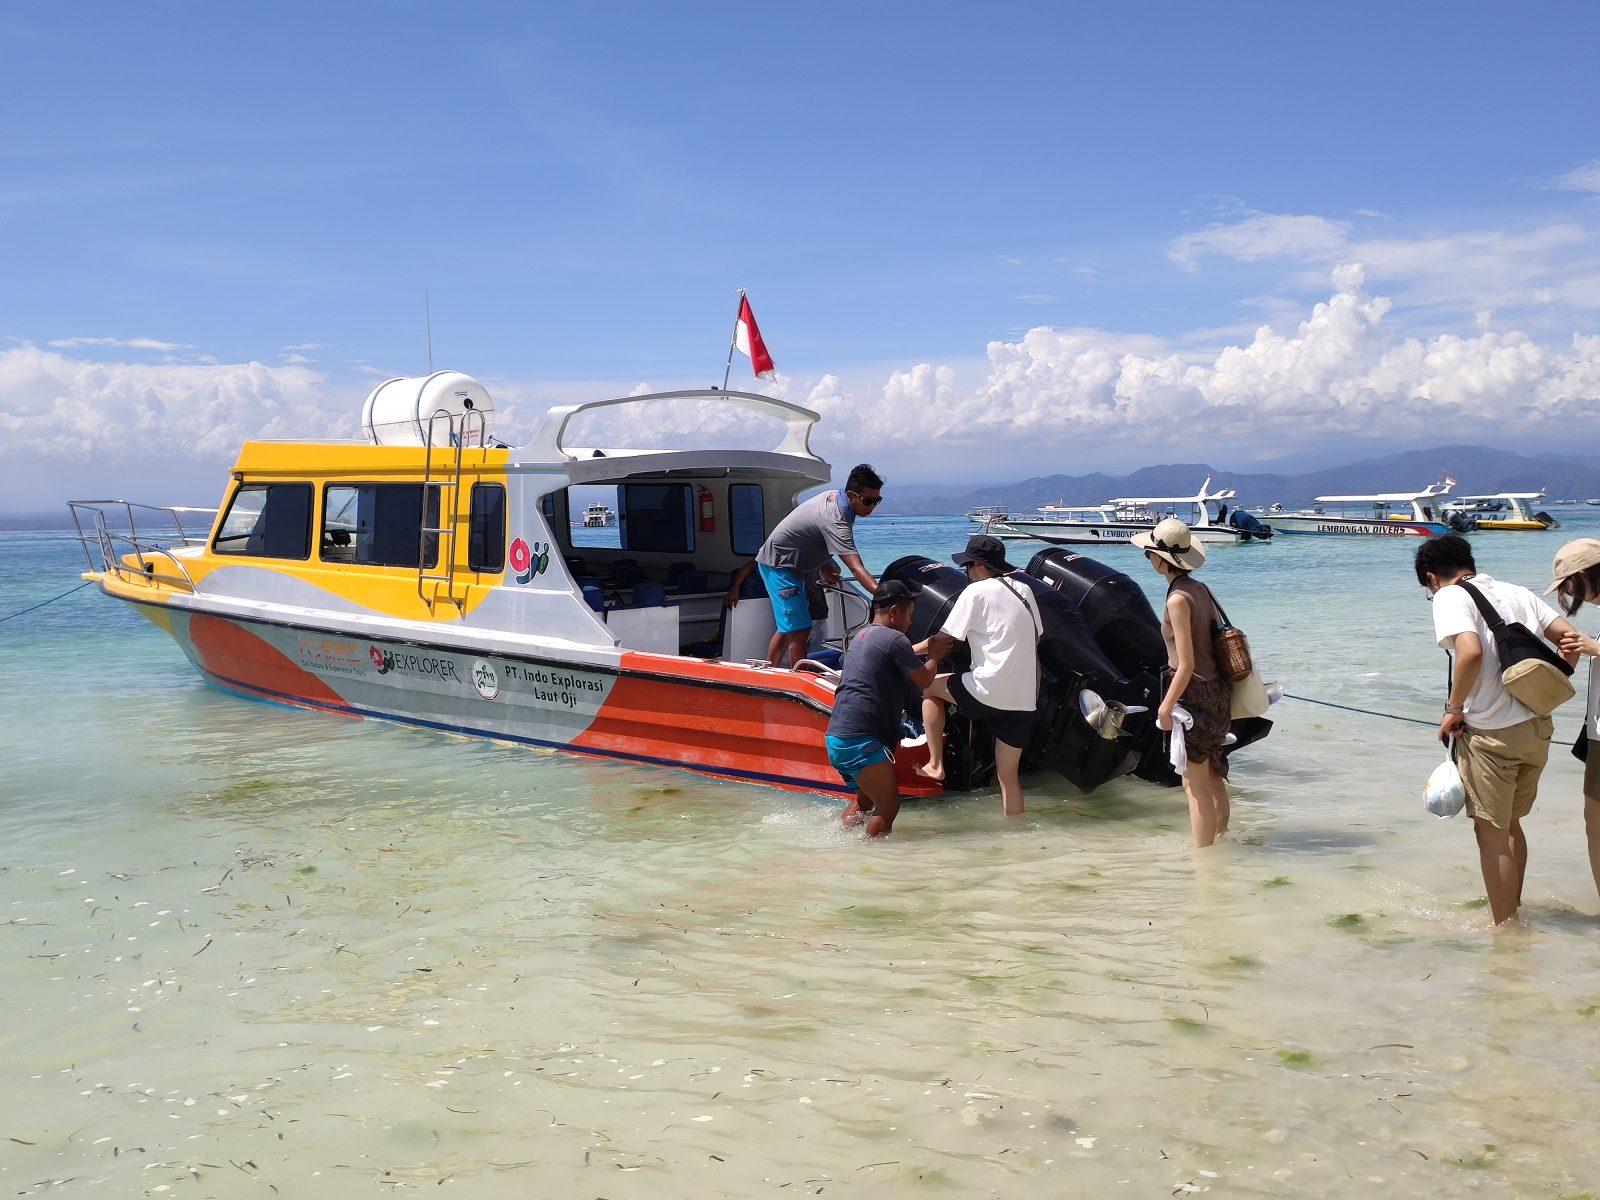 ペニダ島やレンボンガン島へ利用するスピードボート